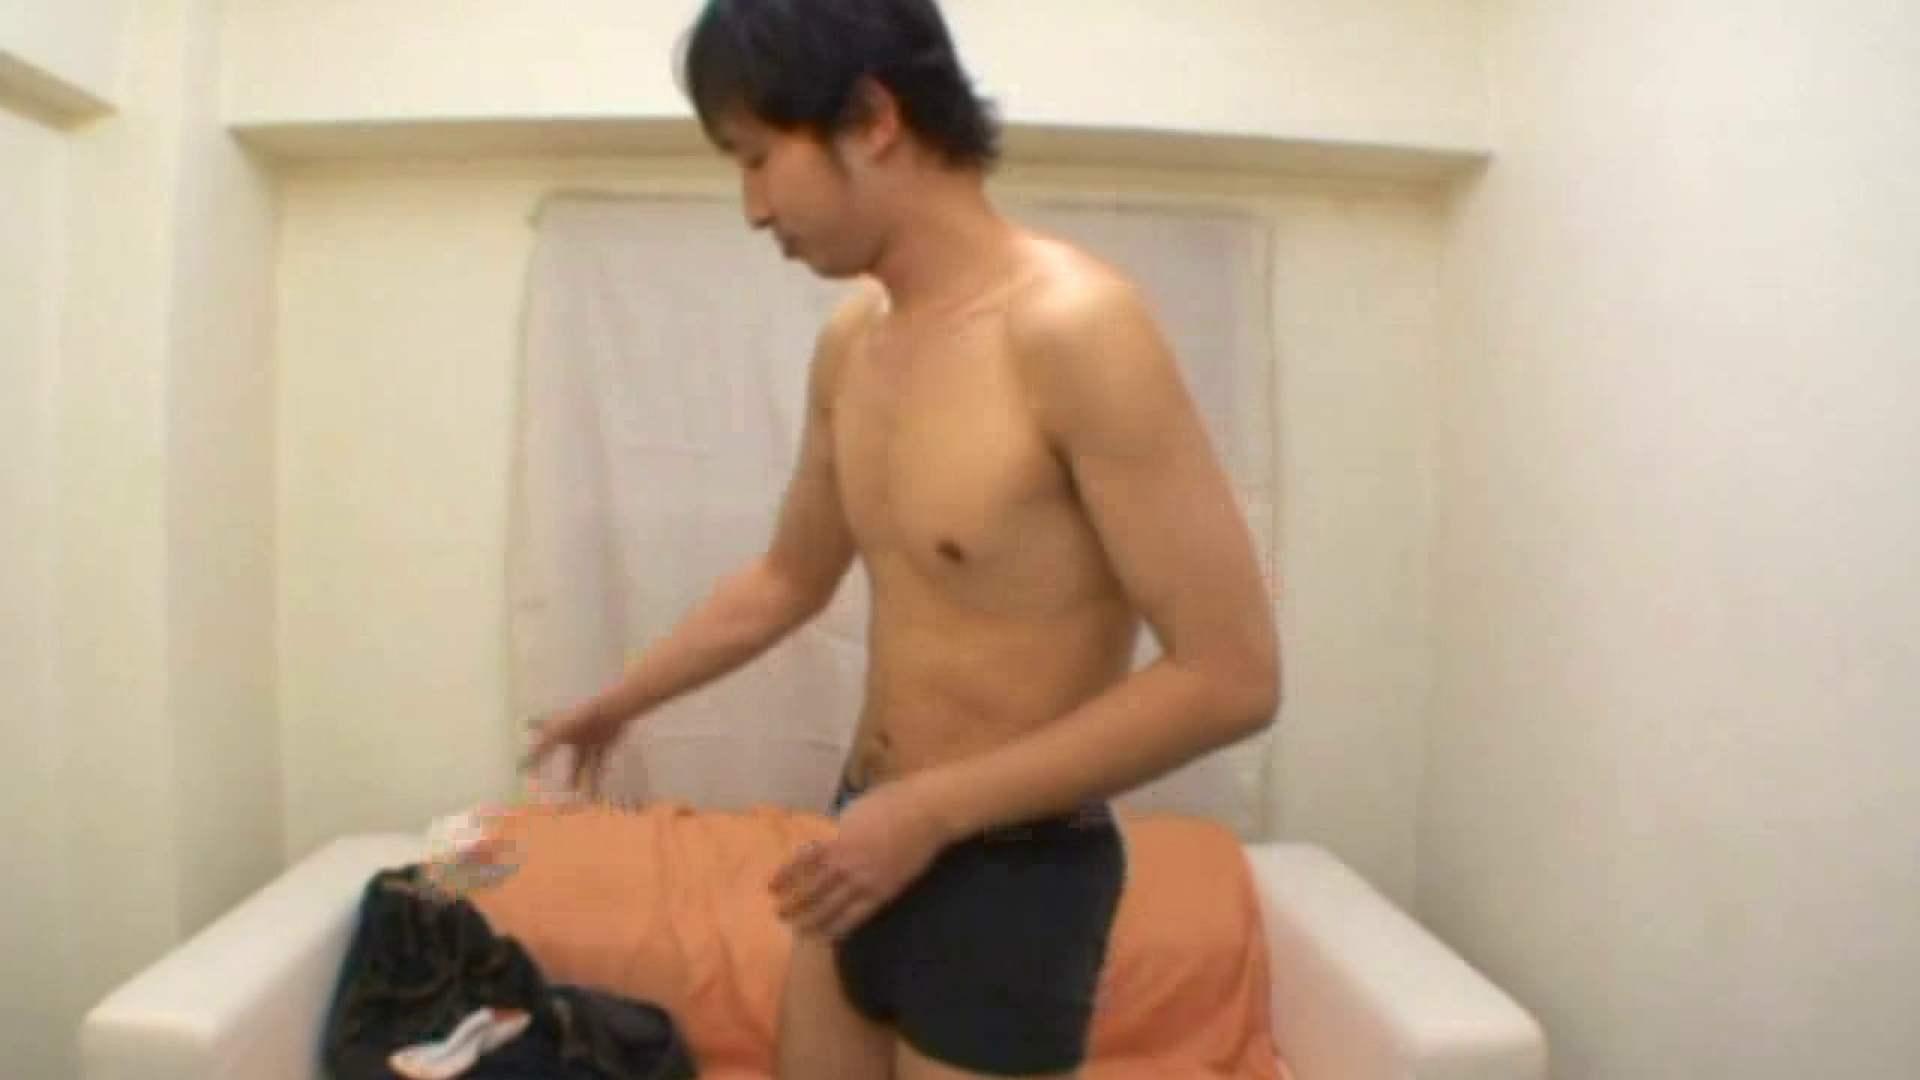 イケメンズエステティック倶楽部Case.02 ローション ゲイフリーエロ画像 61枚 53